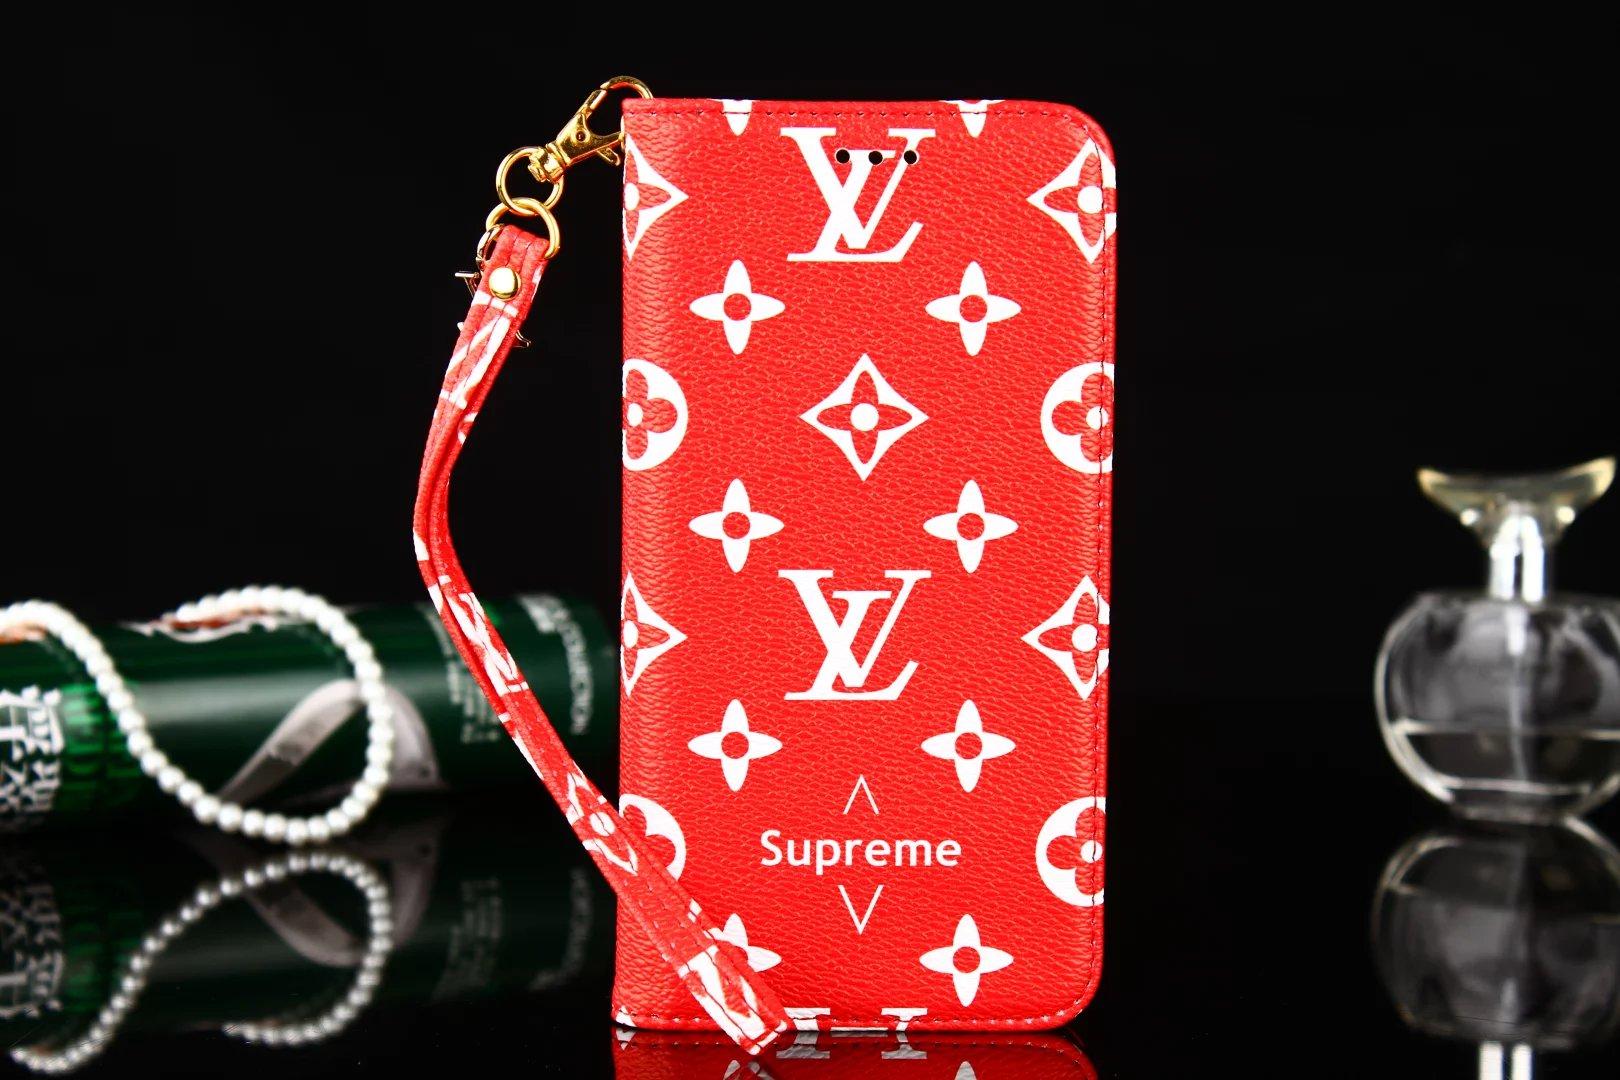 designer iphone hüllen iphone schutzhülle Louis Vuitton iphone 8 hüllen die besten iphone hüllen handyhülle mit akku iphone 8 dünnste iphone hülle nächstes iphone handycover 8lbst machen handy ca8 mit foto